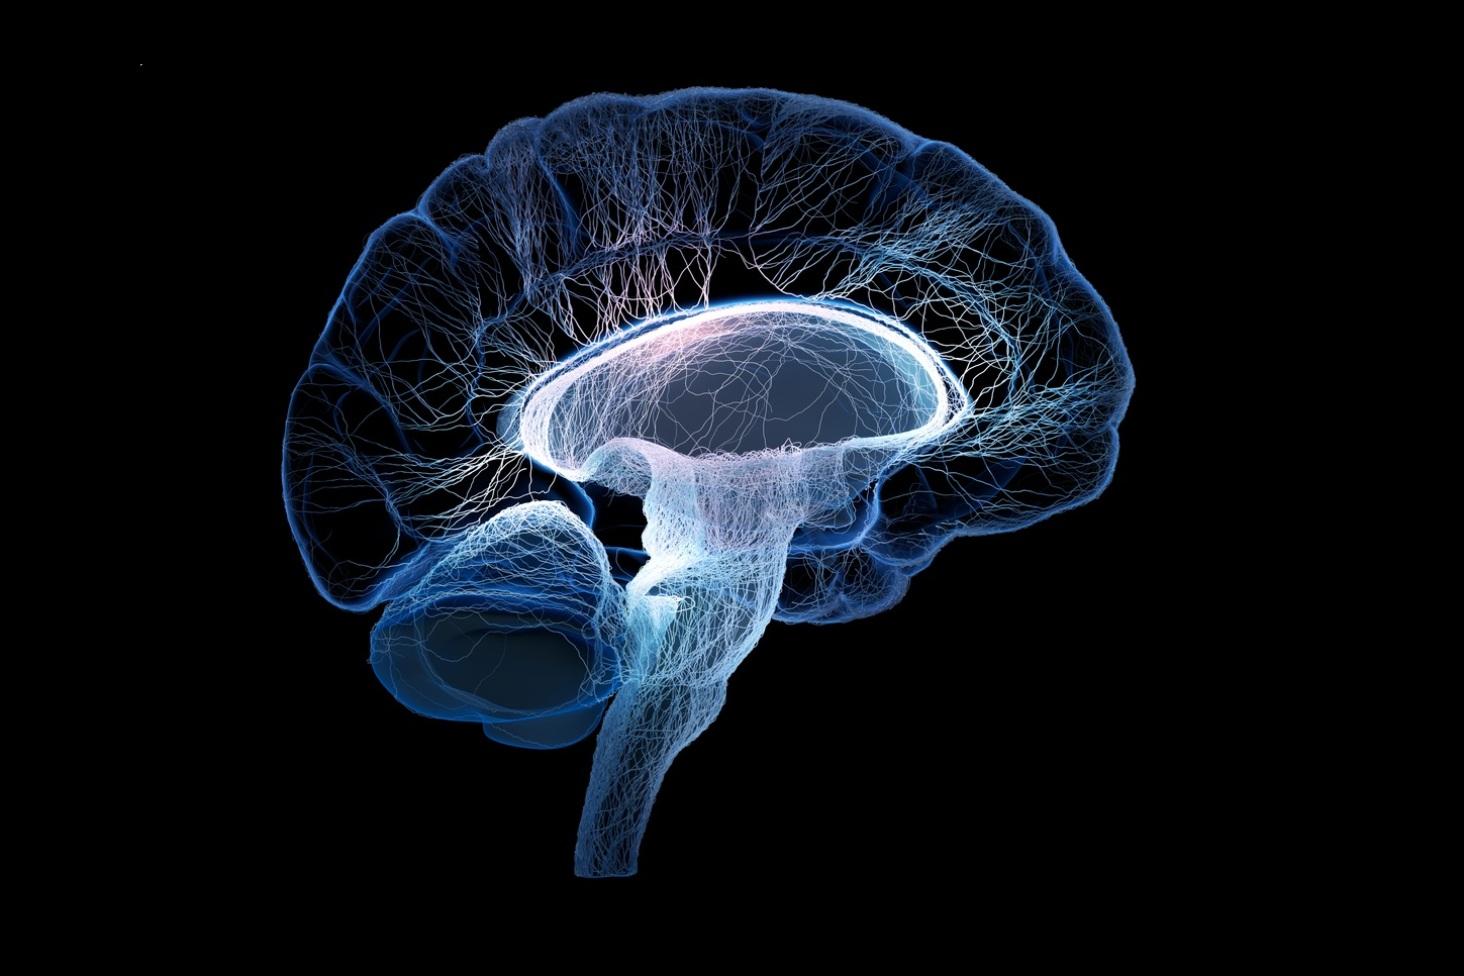 چگونه احساسات مغز را فریب میدهند؟